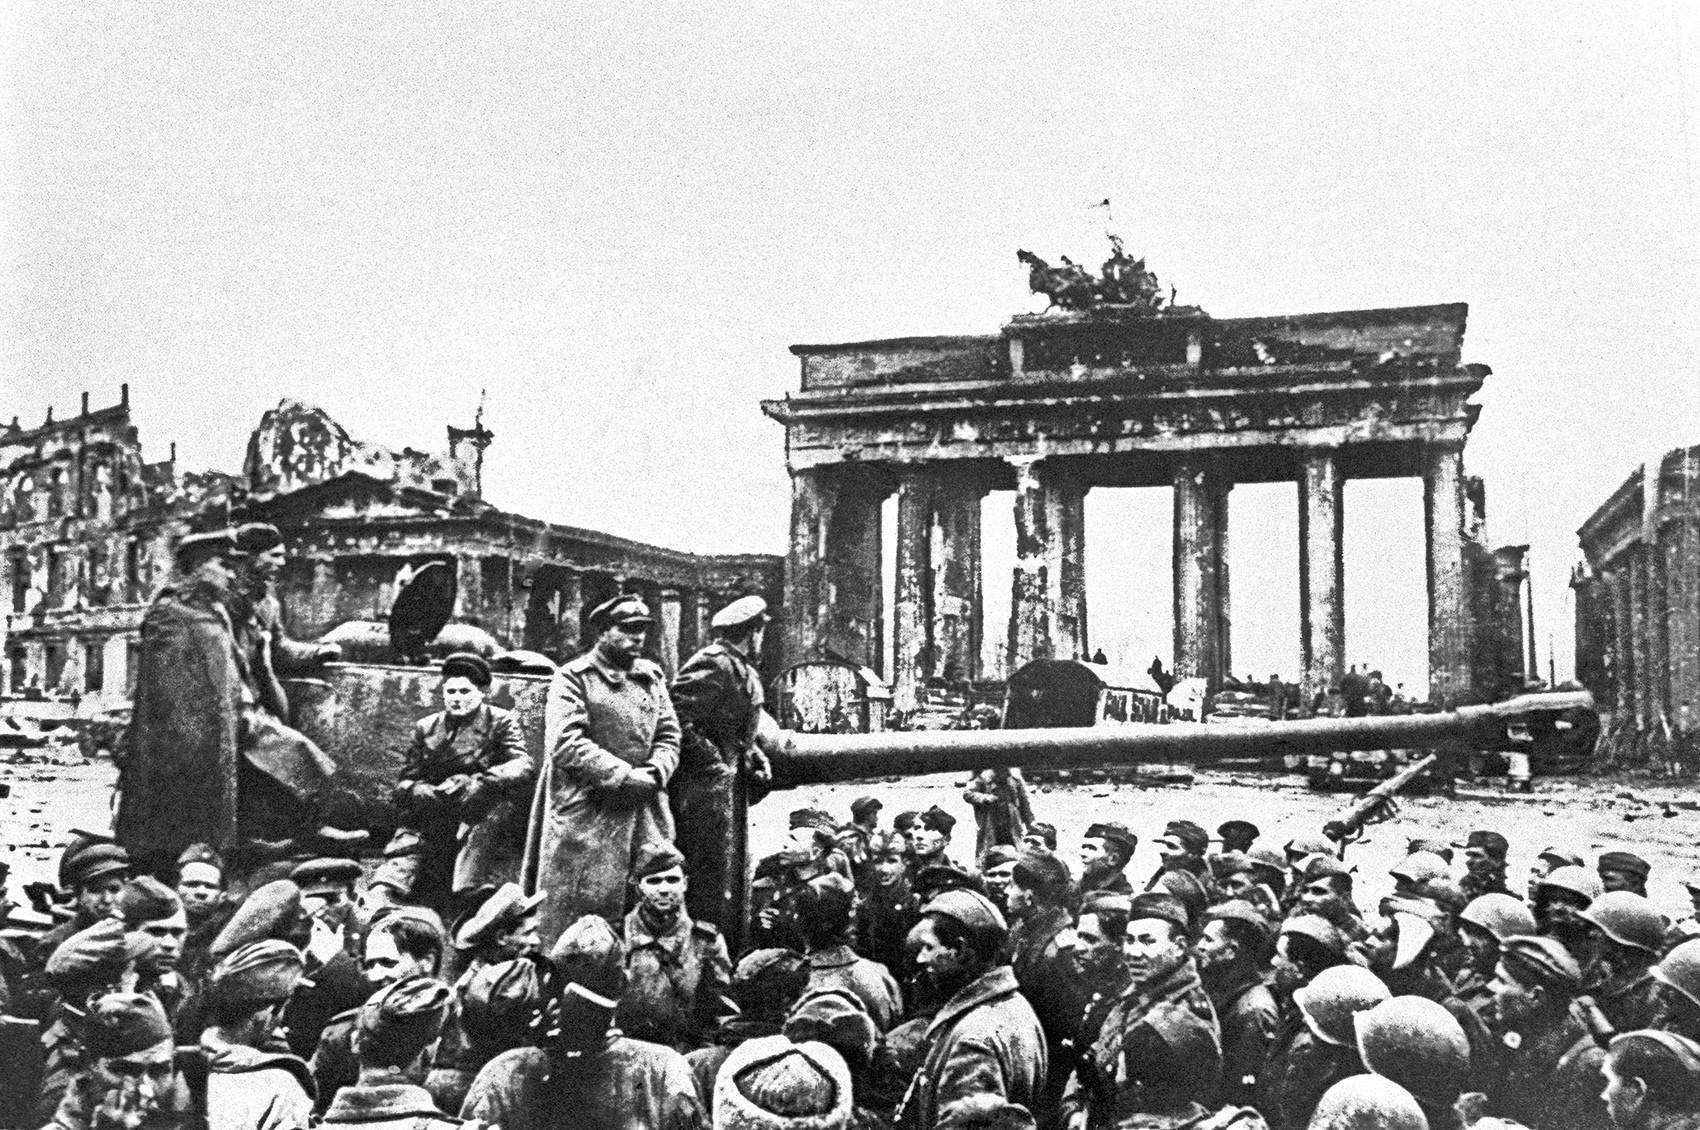 Евгениј Халдеј/ТАСС/Германија, Берлин, 2 мај 1945 година. Борците на Црвената армија пред Бранденбуршката порта по падот на Берлин во рацете на советските единици.